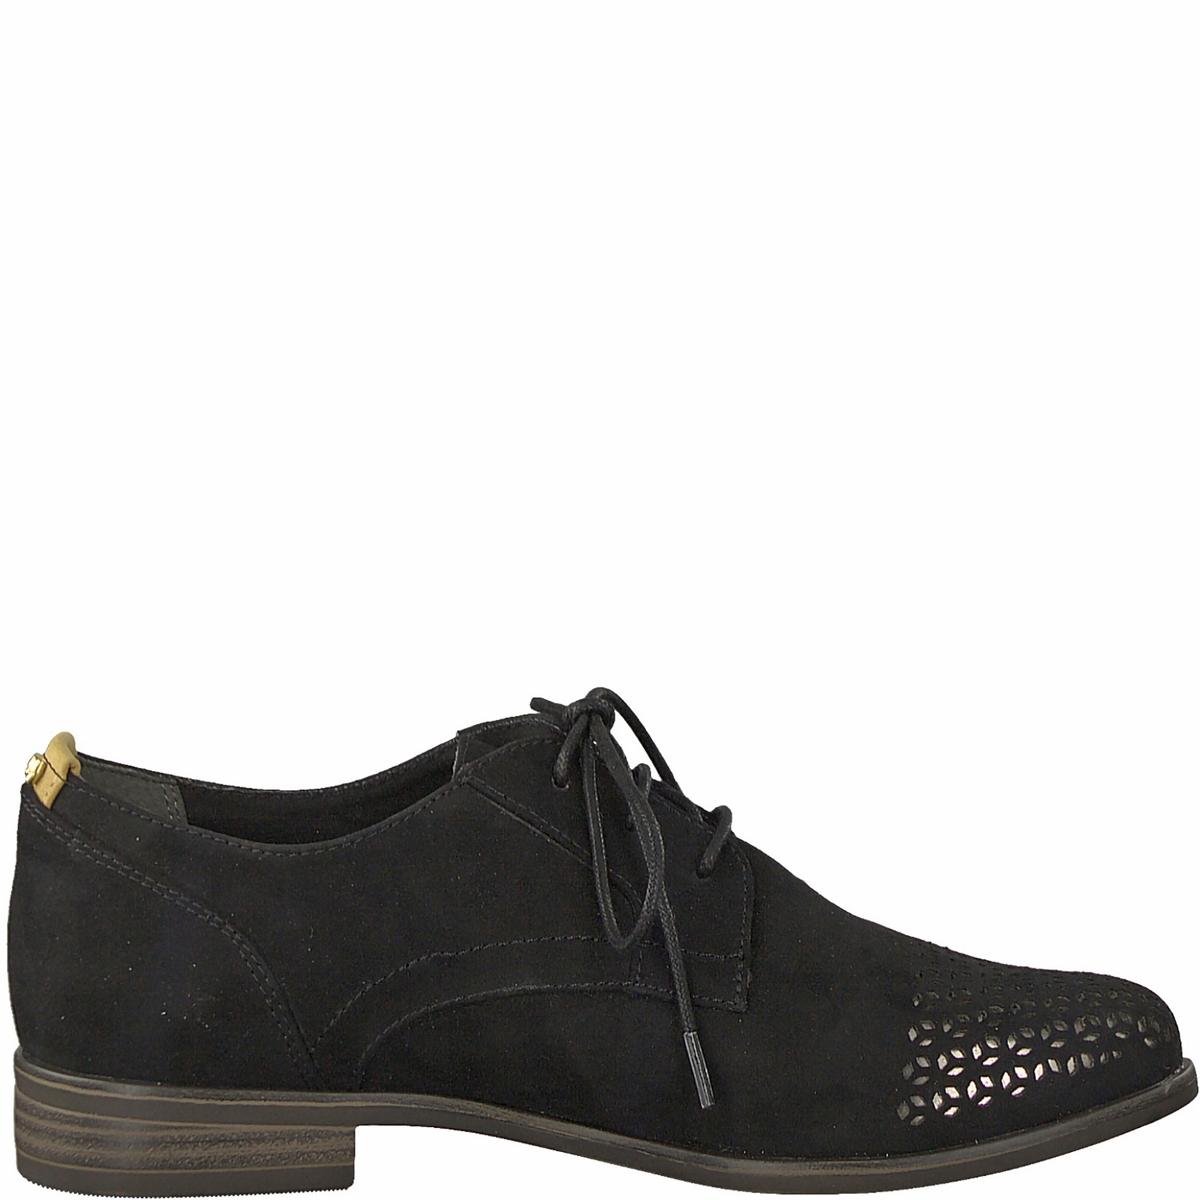 Ботинки-дерби Caraway ботинки дерби под кожу питона